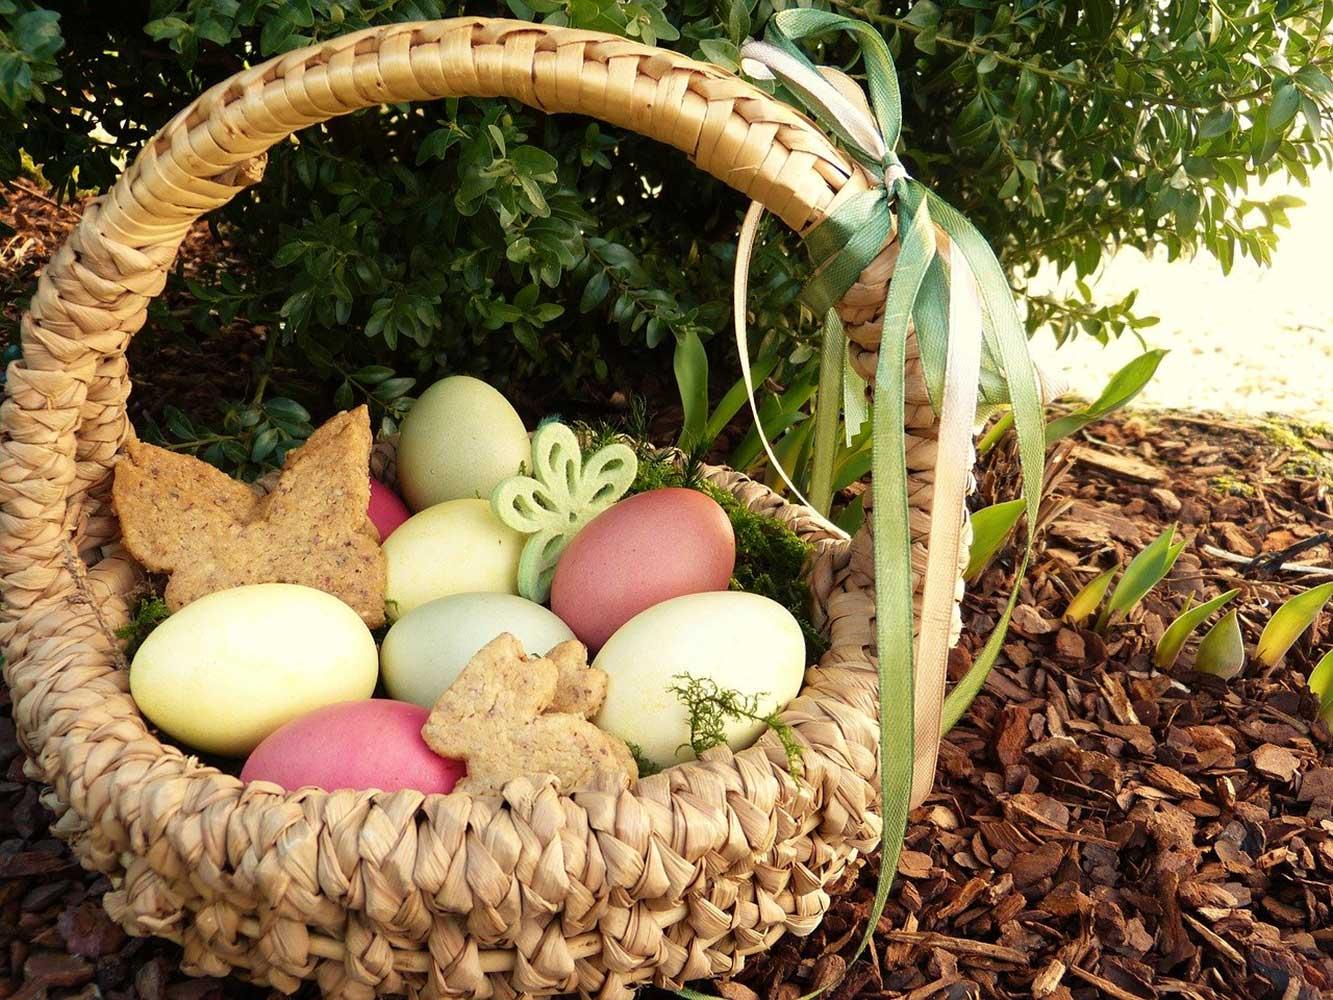 Eier mit Naturfaben fäben